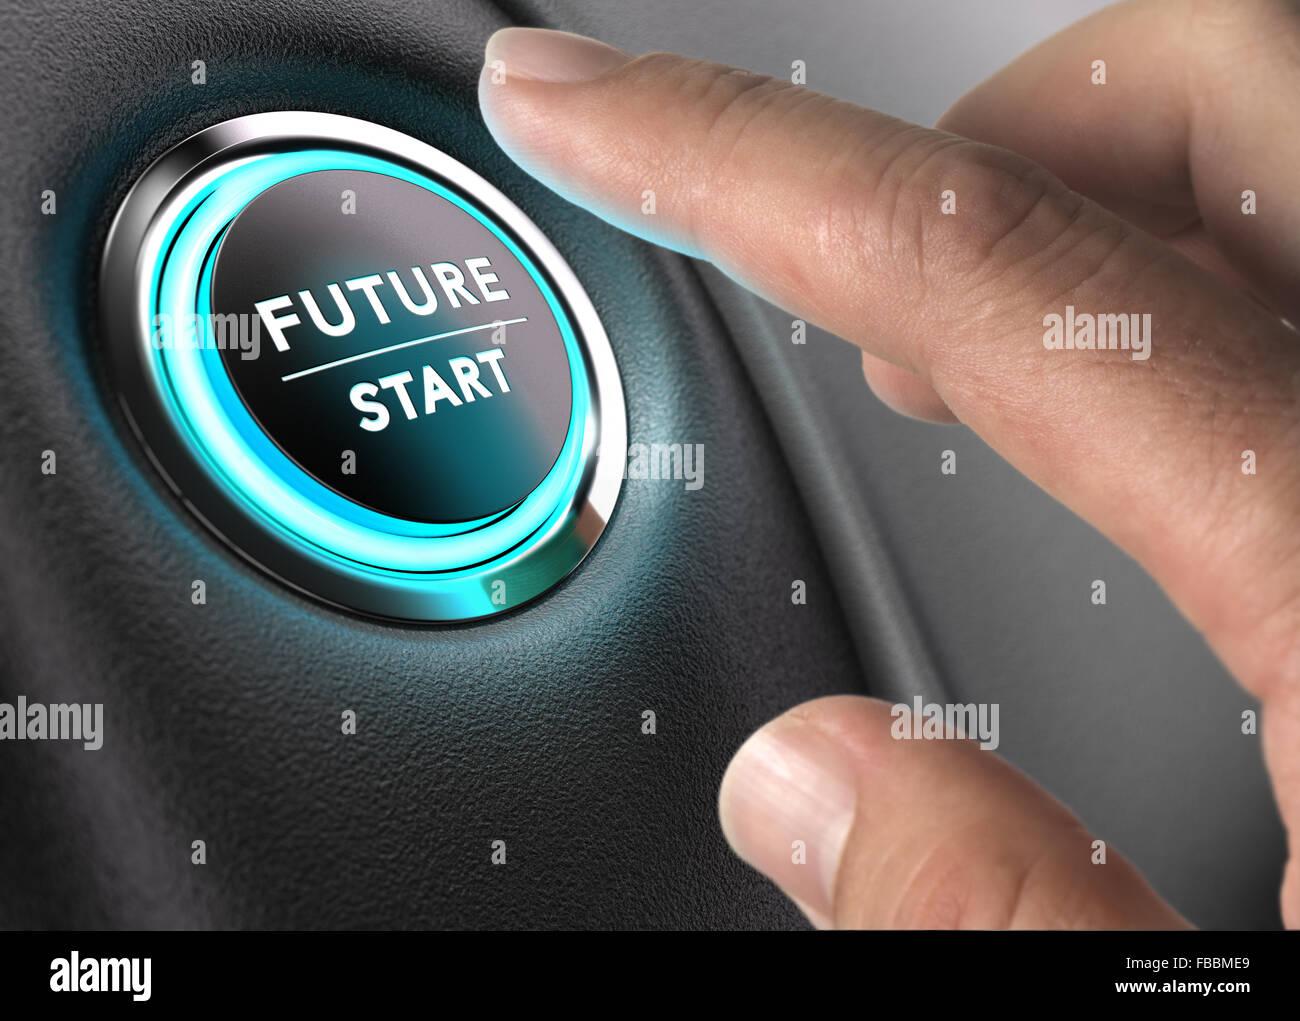 Drücken Sie mit dem Finger über die Zukunft Taste mit blauem Licht über schwarzen und grauen Hintergrund. Stockbild